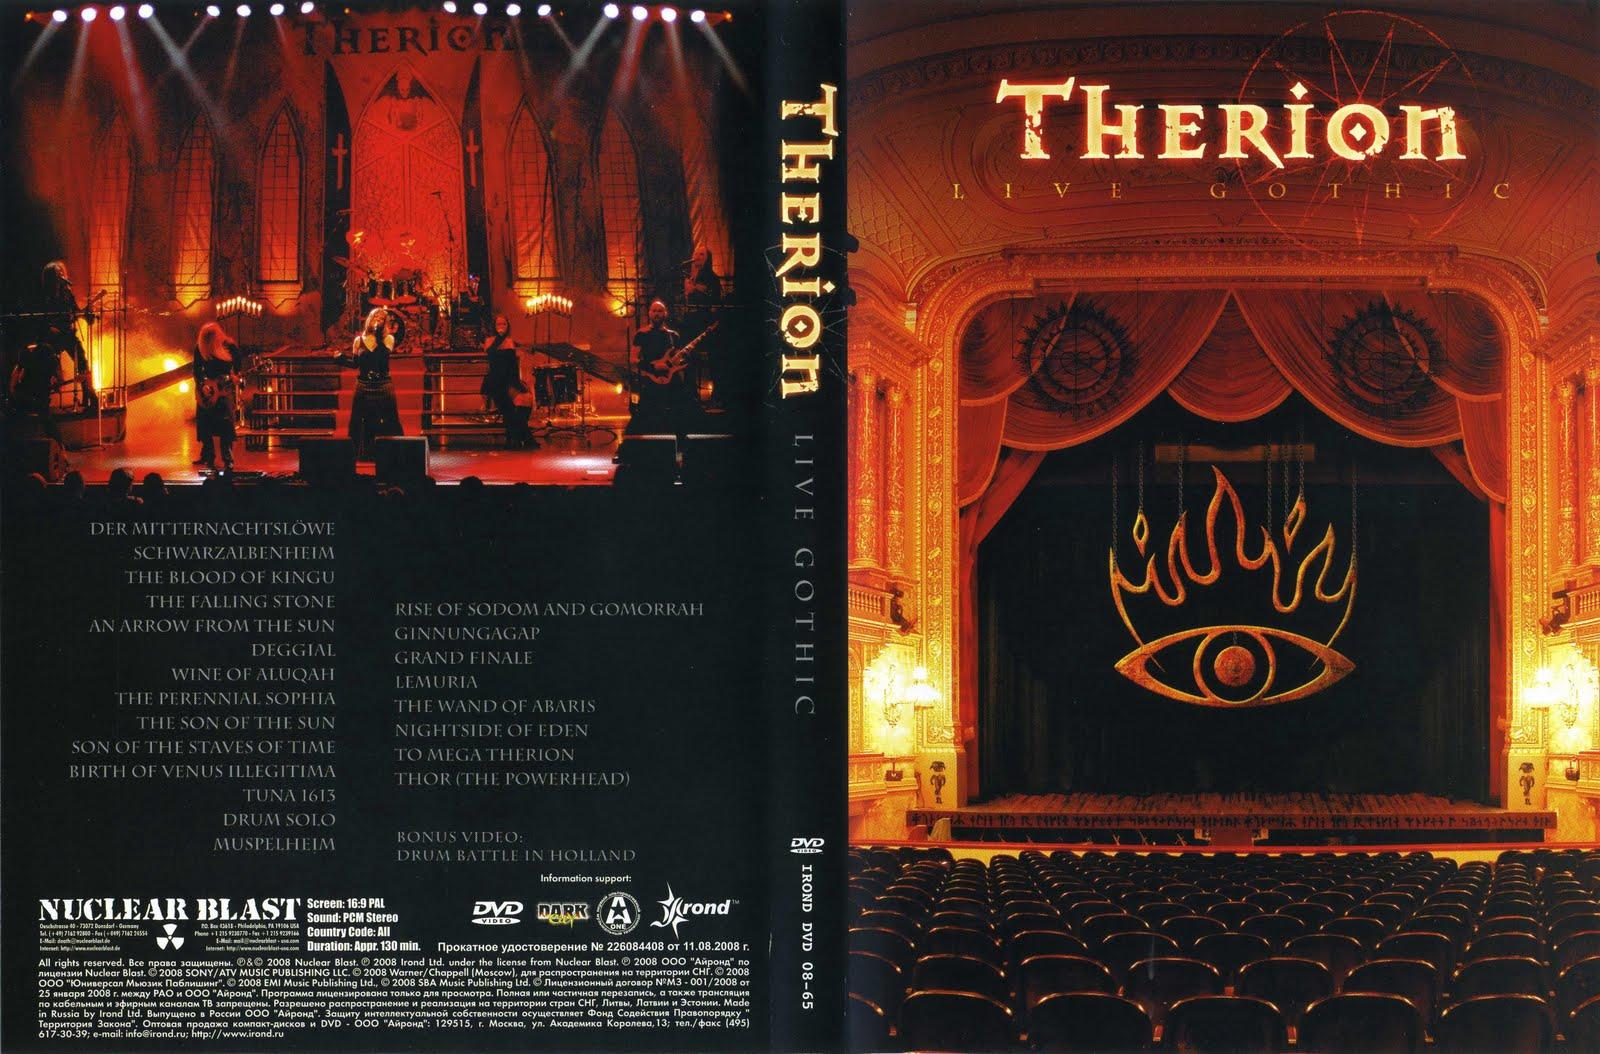 http://1.bp.blogspot.com/_oOIbZ1Ewr3k/S6qUgTG_PfI/AAAAAAAABE8/8OnLL7dQTWM/s1600/Therion-Live+Gothic.jpg